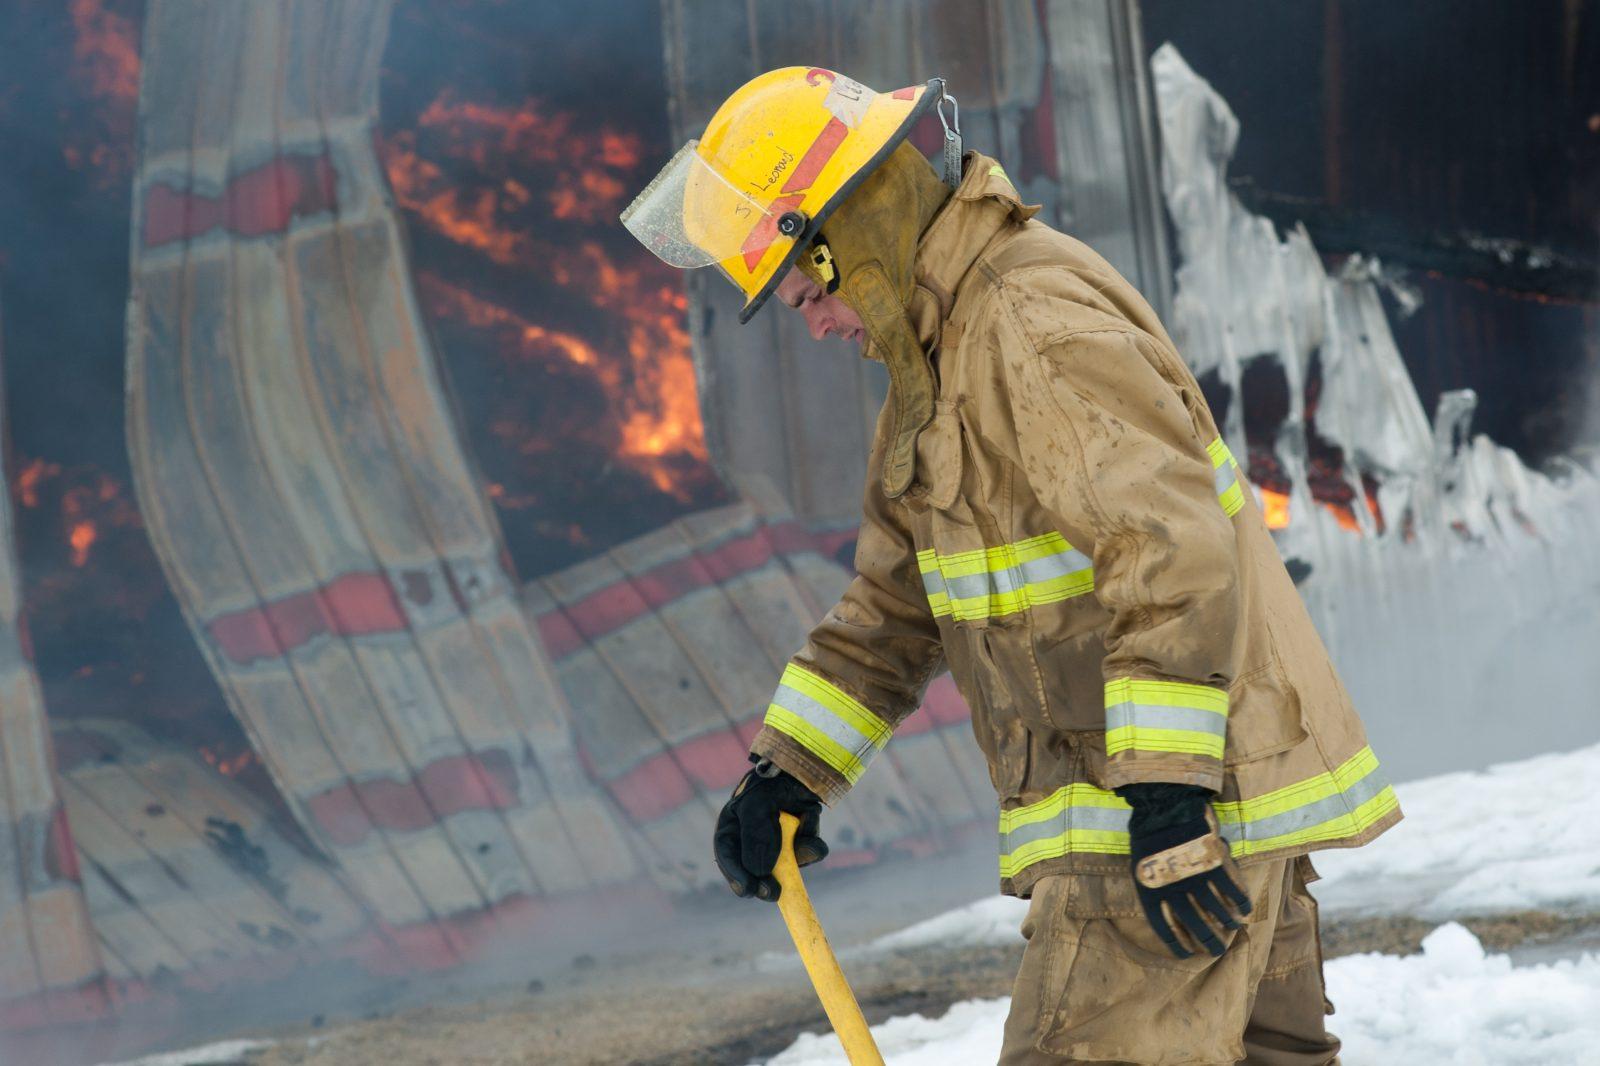 L'identité du corps dans l'incendie de la ferme laitière à Saint-Guillaume confirmée